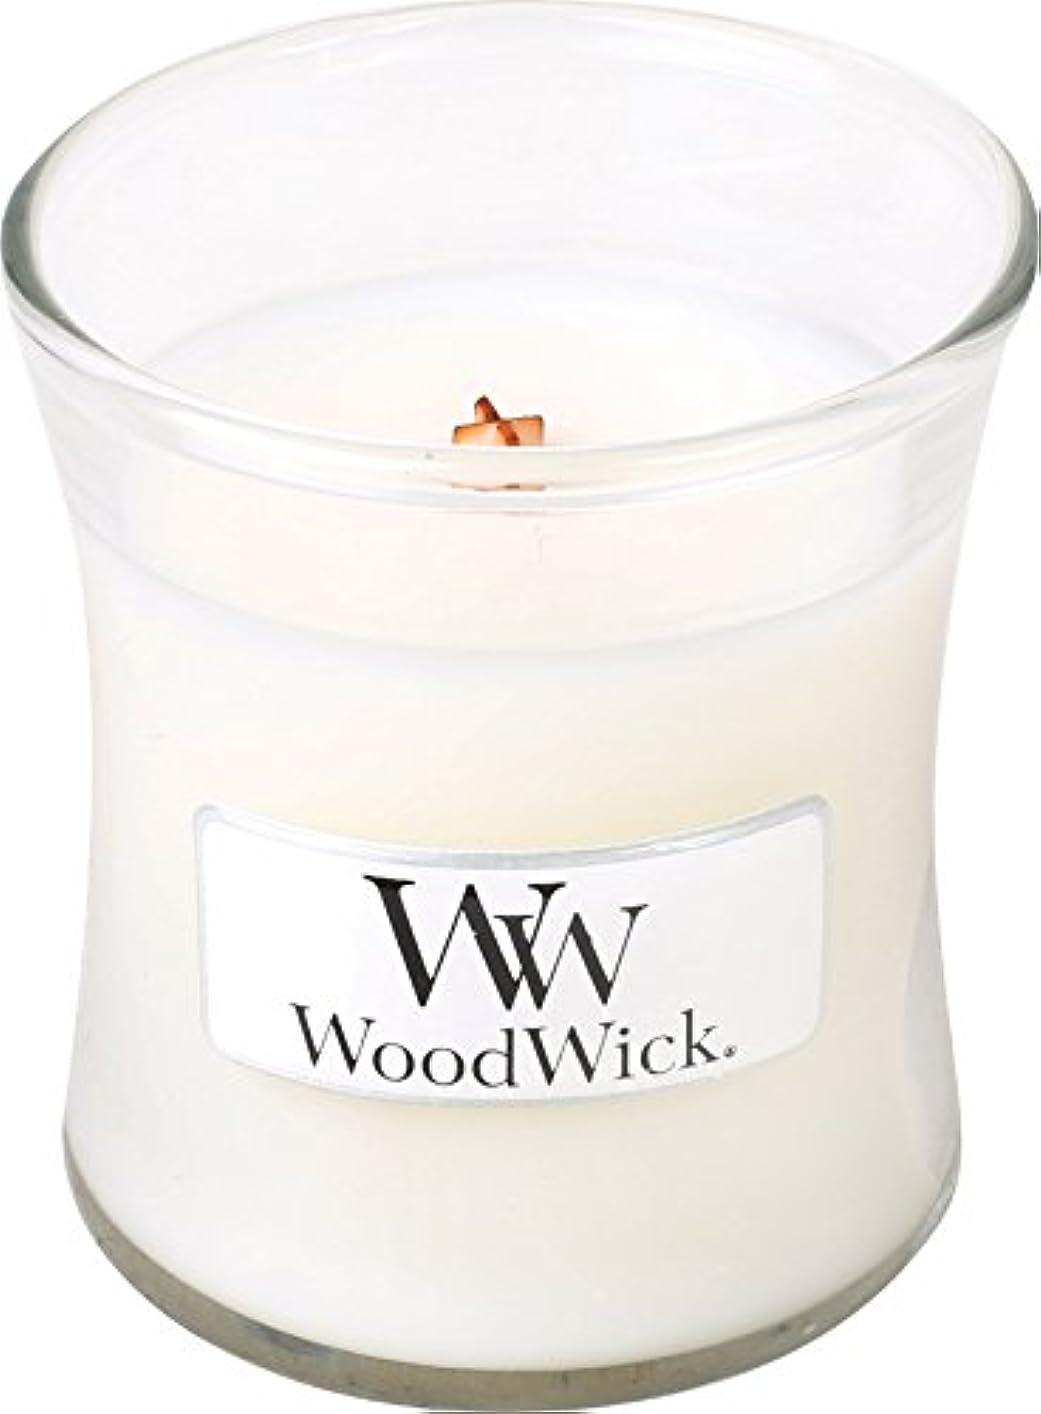 シャンパン必要性冷淡なWood Wick ウッドウィック ジャーキャンドルSサイズ ホワイトティージャスミン